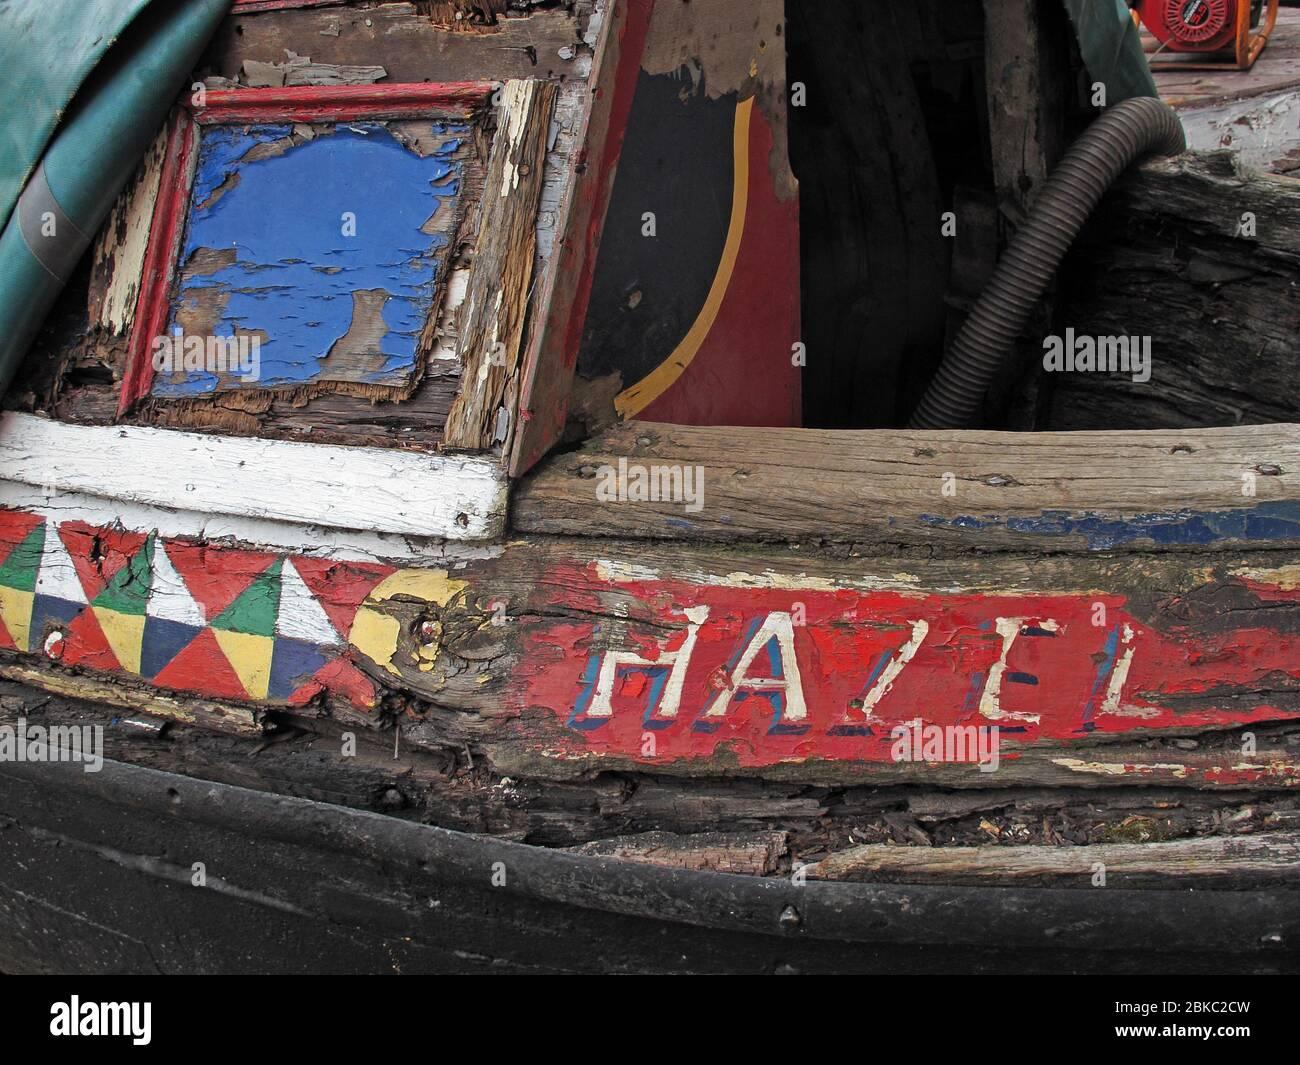 Dieses Stockfoto: Hazel, verrottet Wasserstraßen Barge, Bridgewater Canal, Cheshire, England, Großbritannien - 2BKC2C